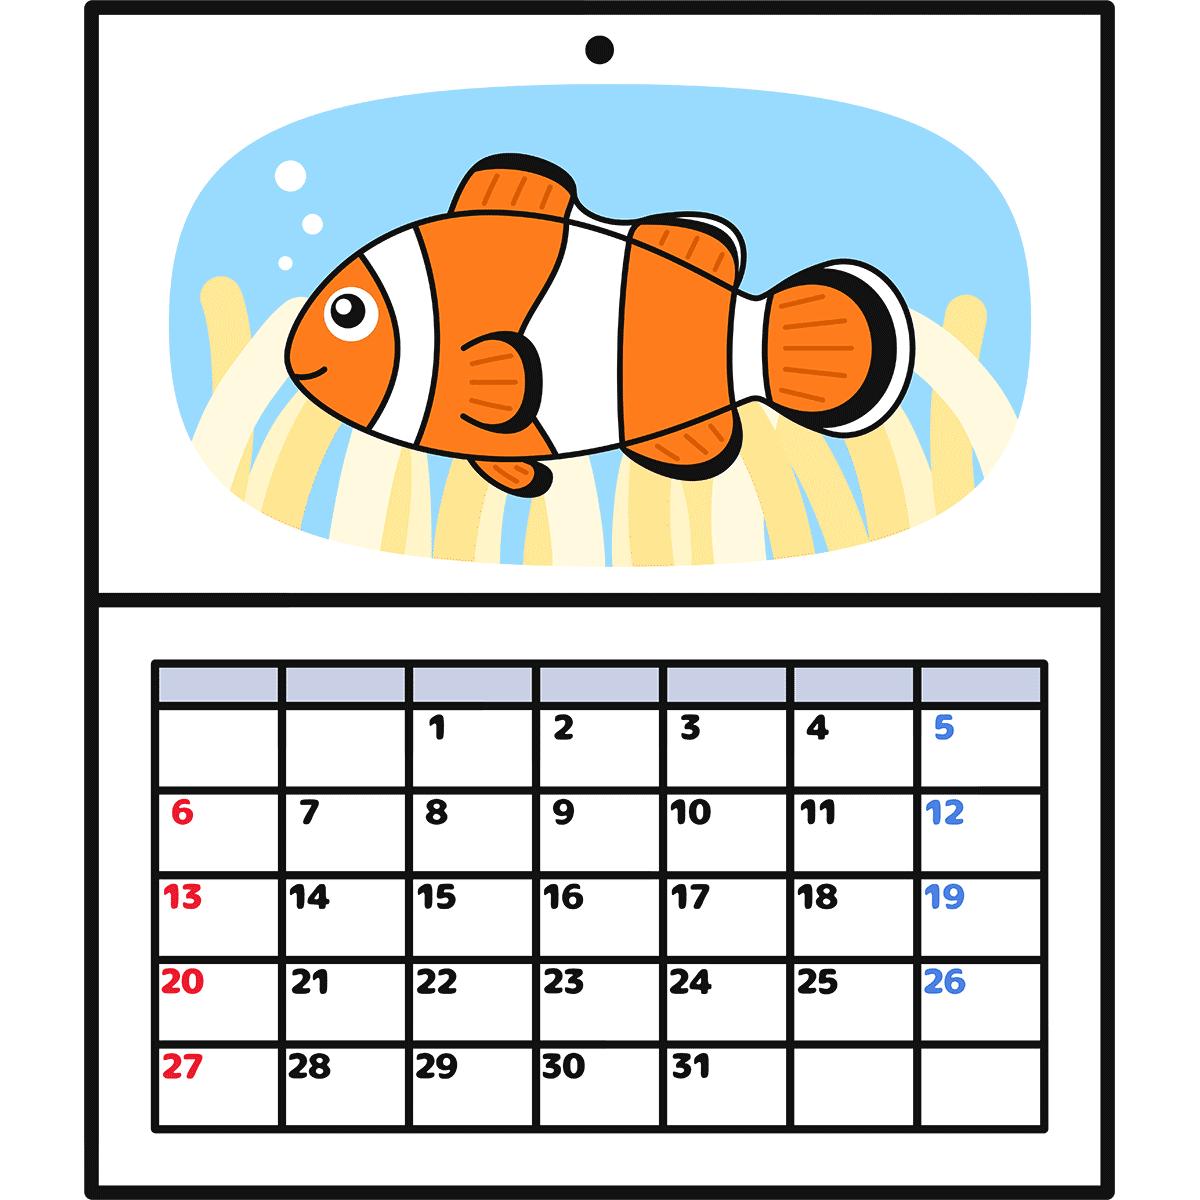 壁掛けカレンダーの無料イラスト